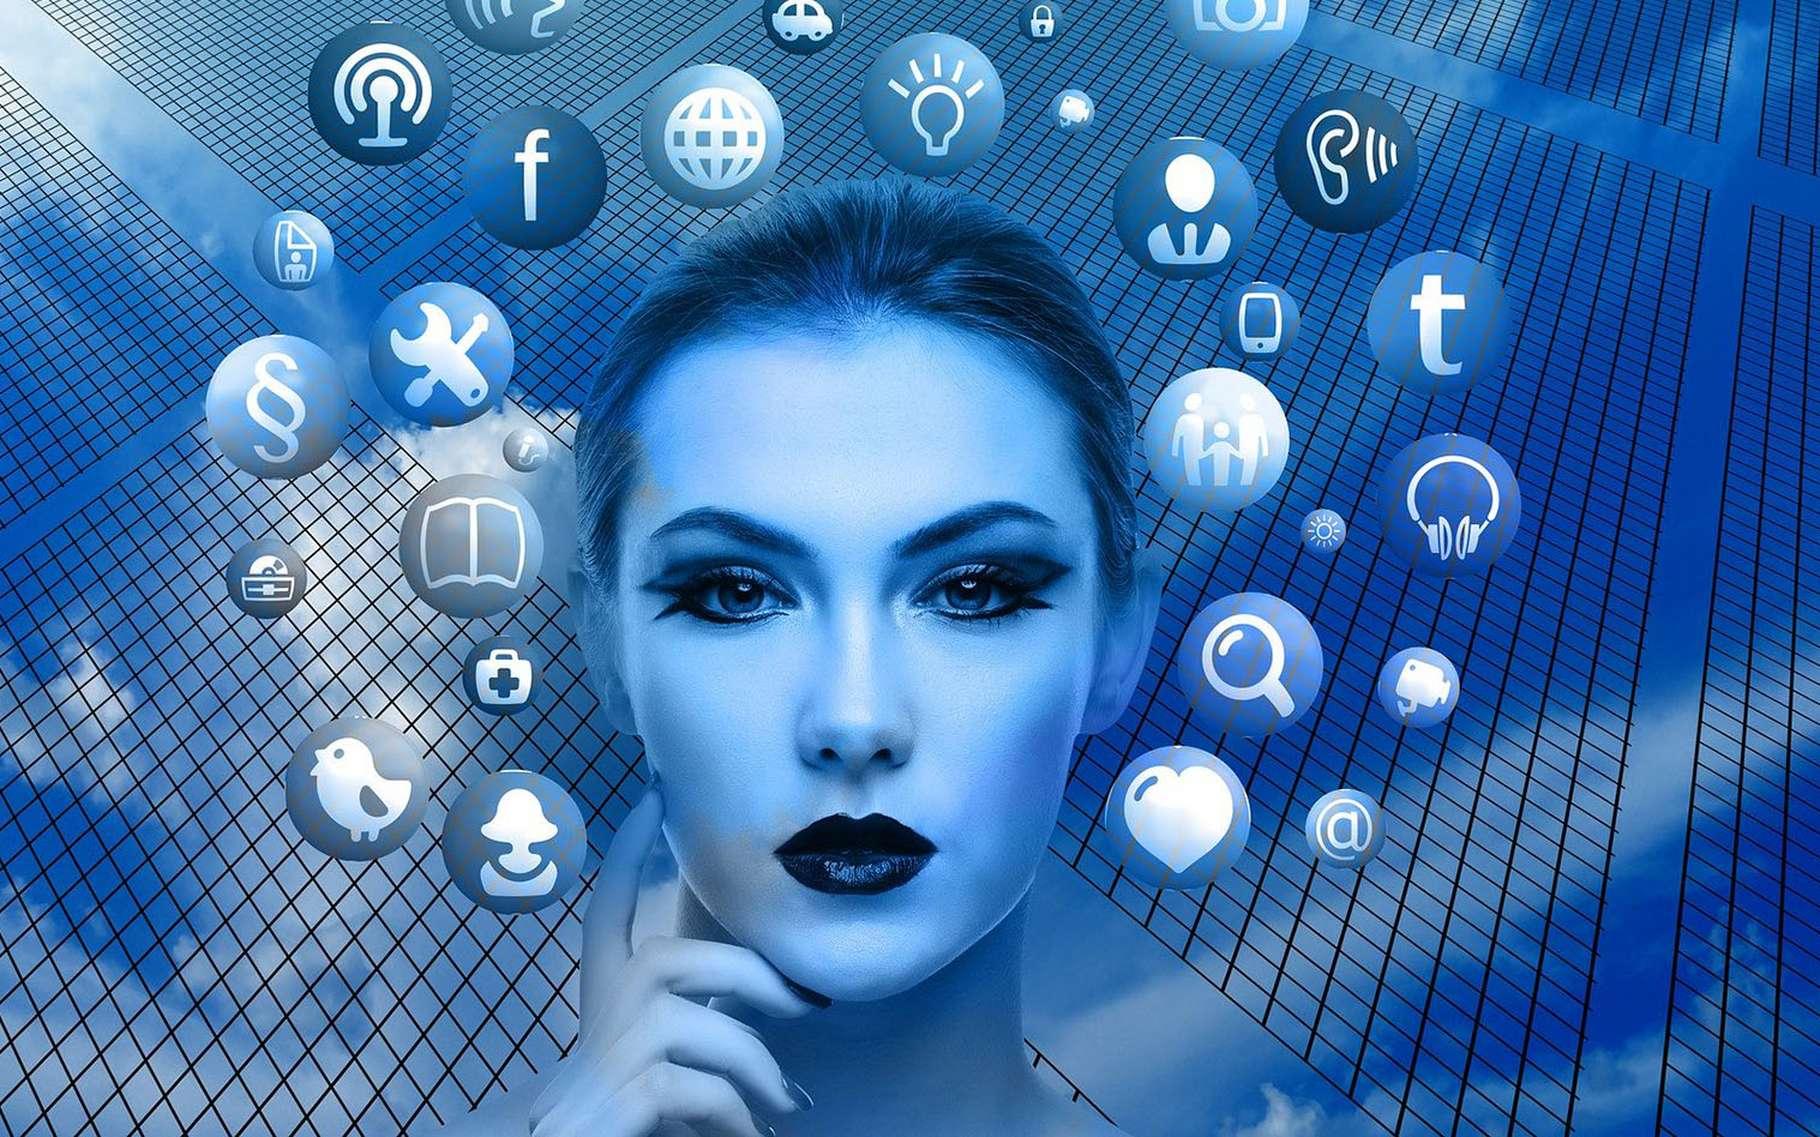 L'utilisation abusive des réseaux sociaux nuit-elle à la santé ? © Geralt, Pixabay, DP